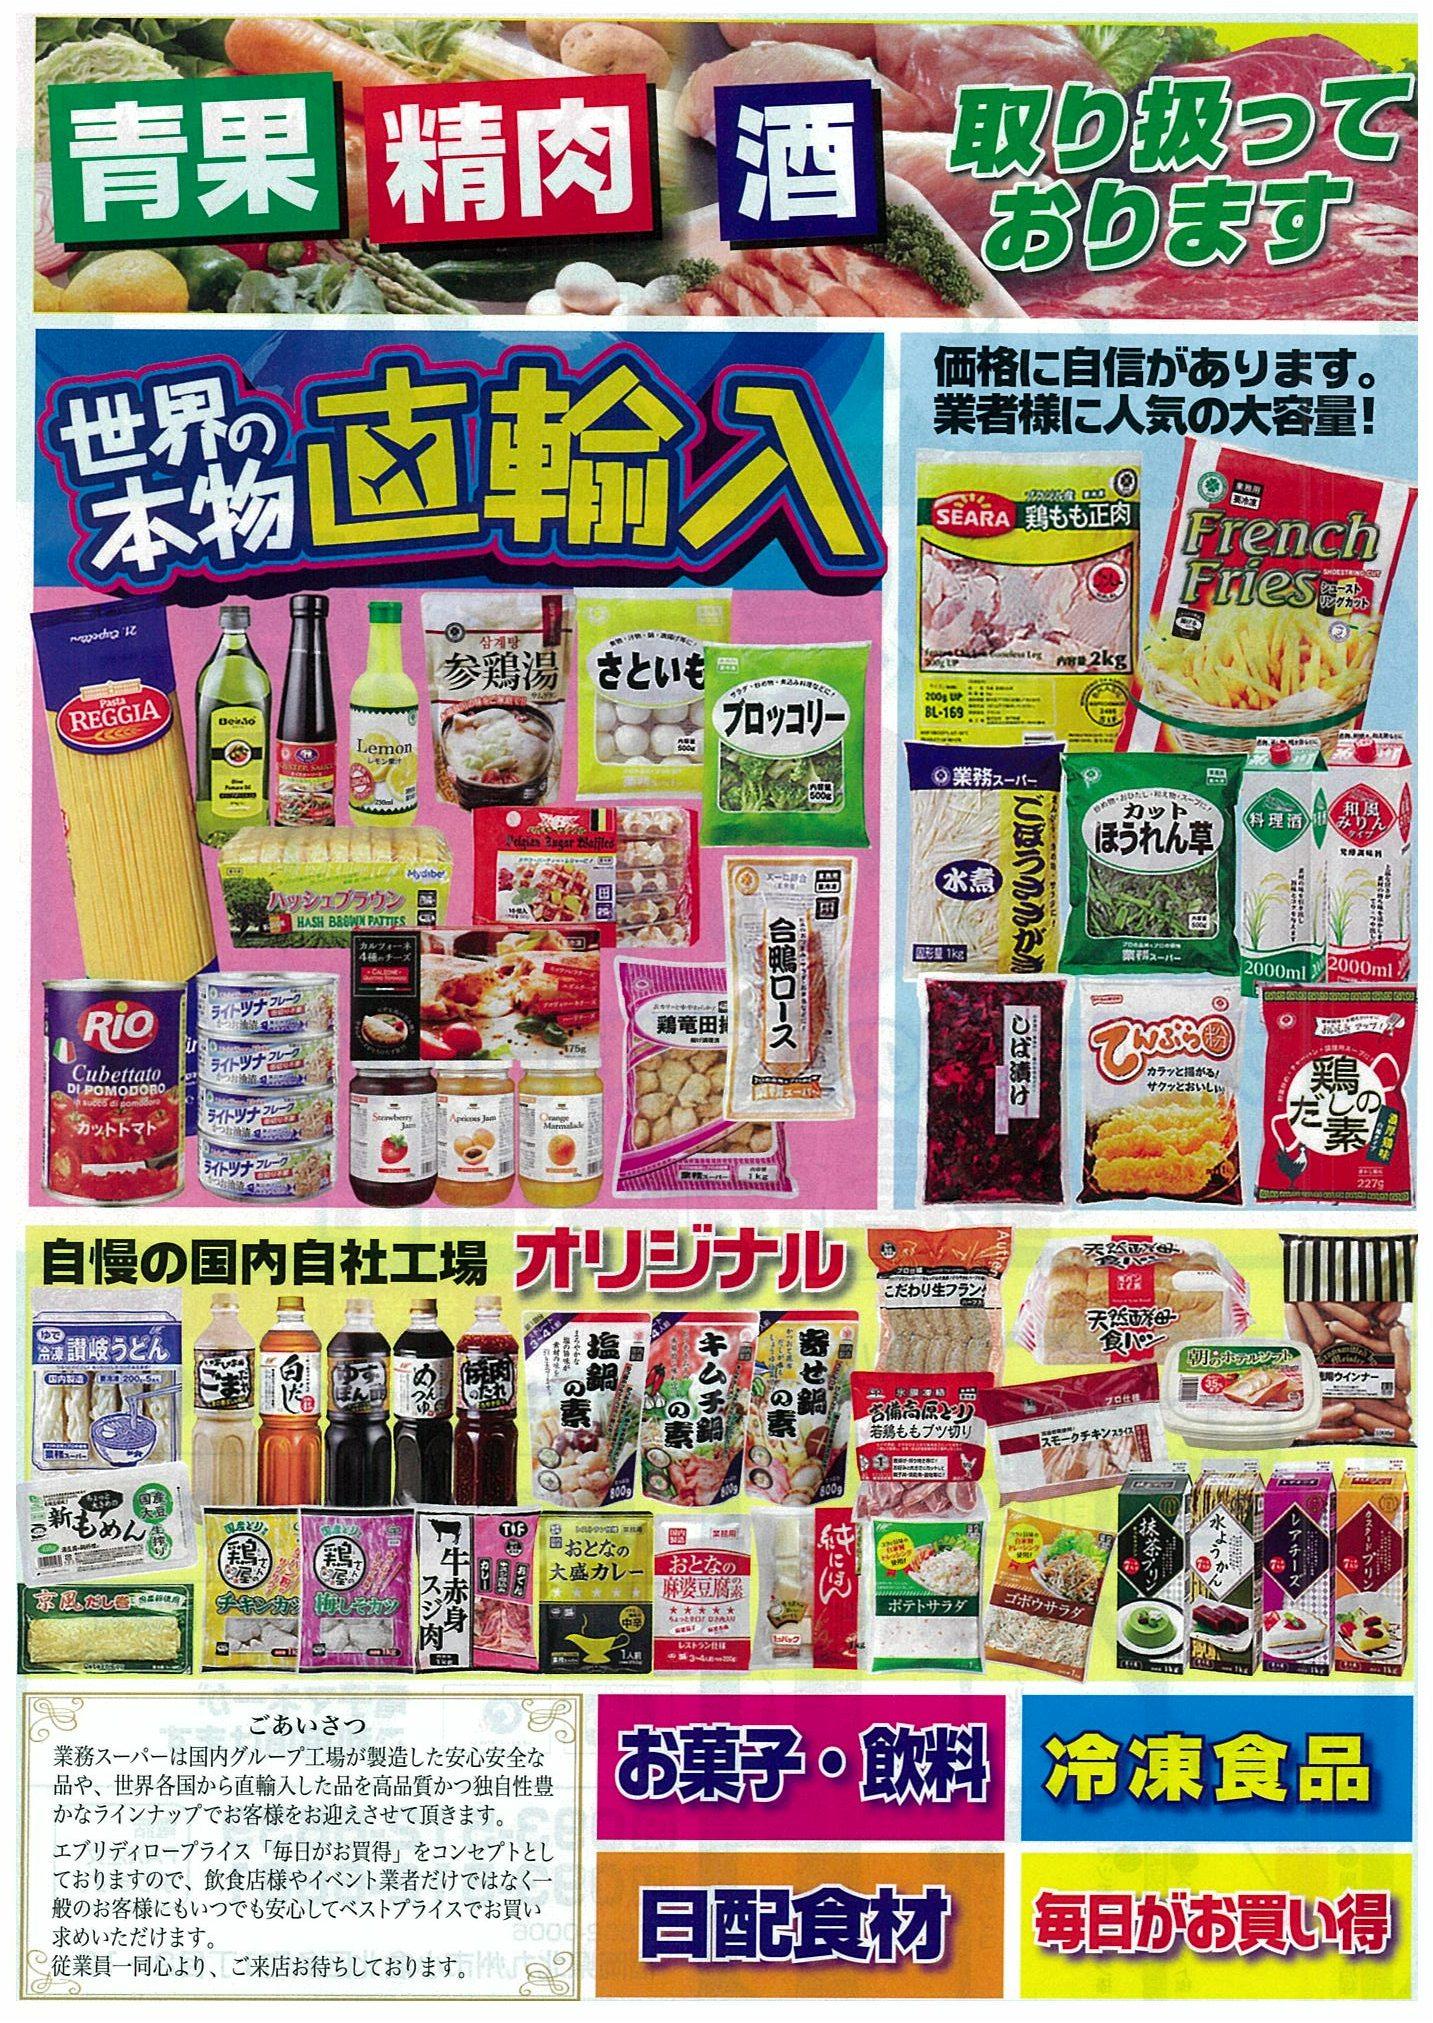 業務スーパー-1.jpg